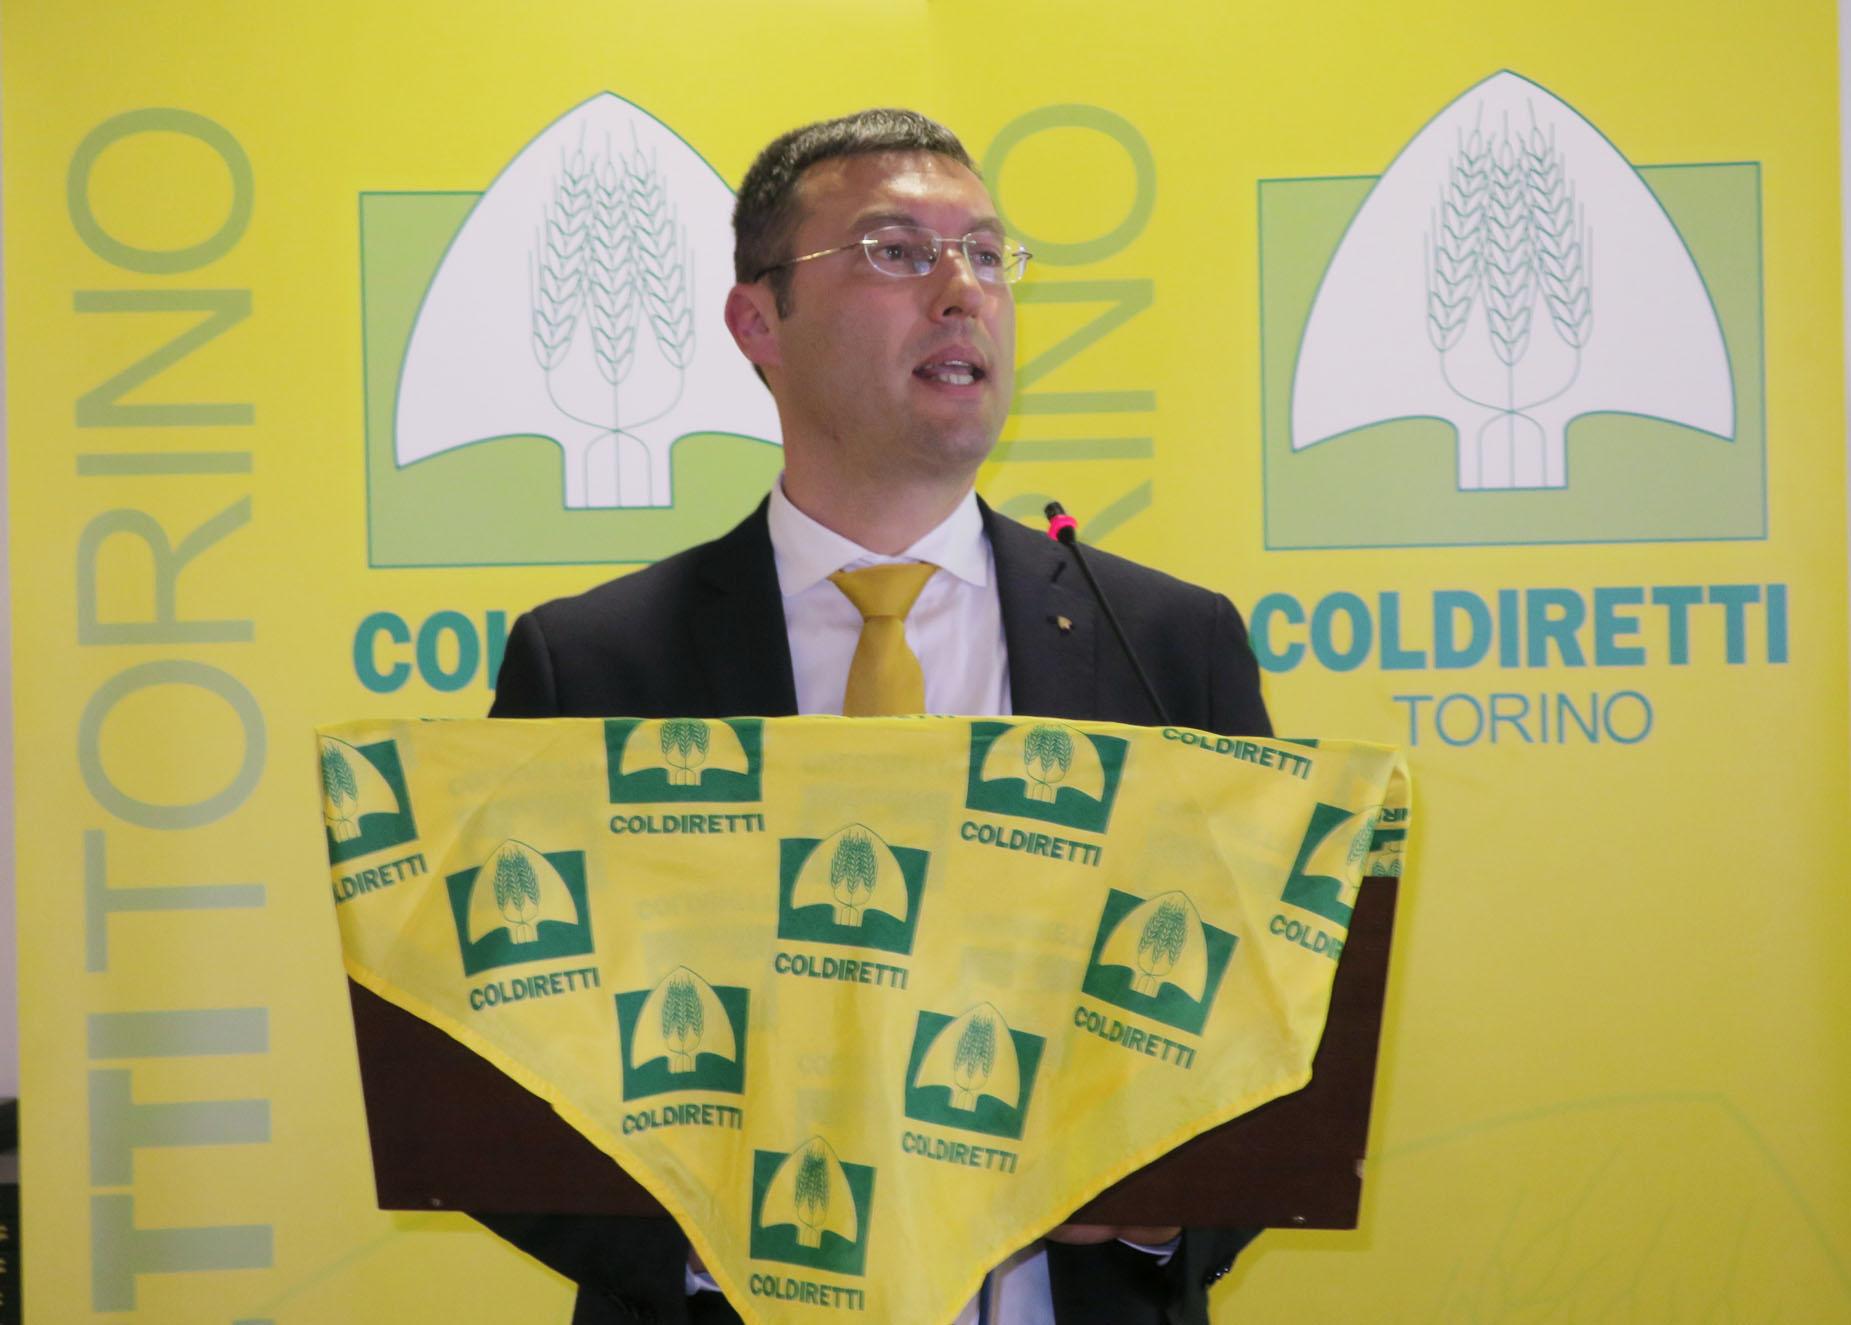 COLDIRETTI – Galbiati rieletto presidente della federazione di Torino